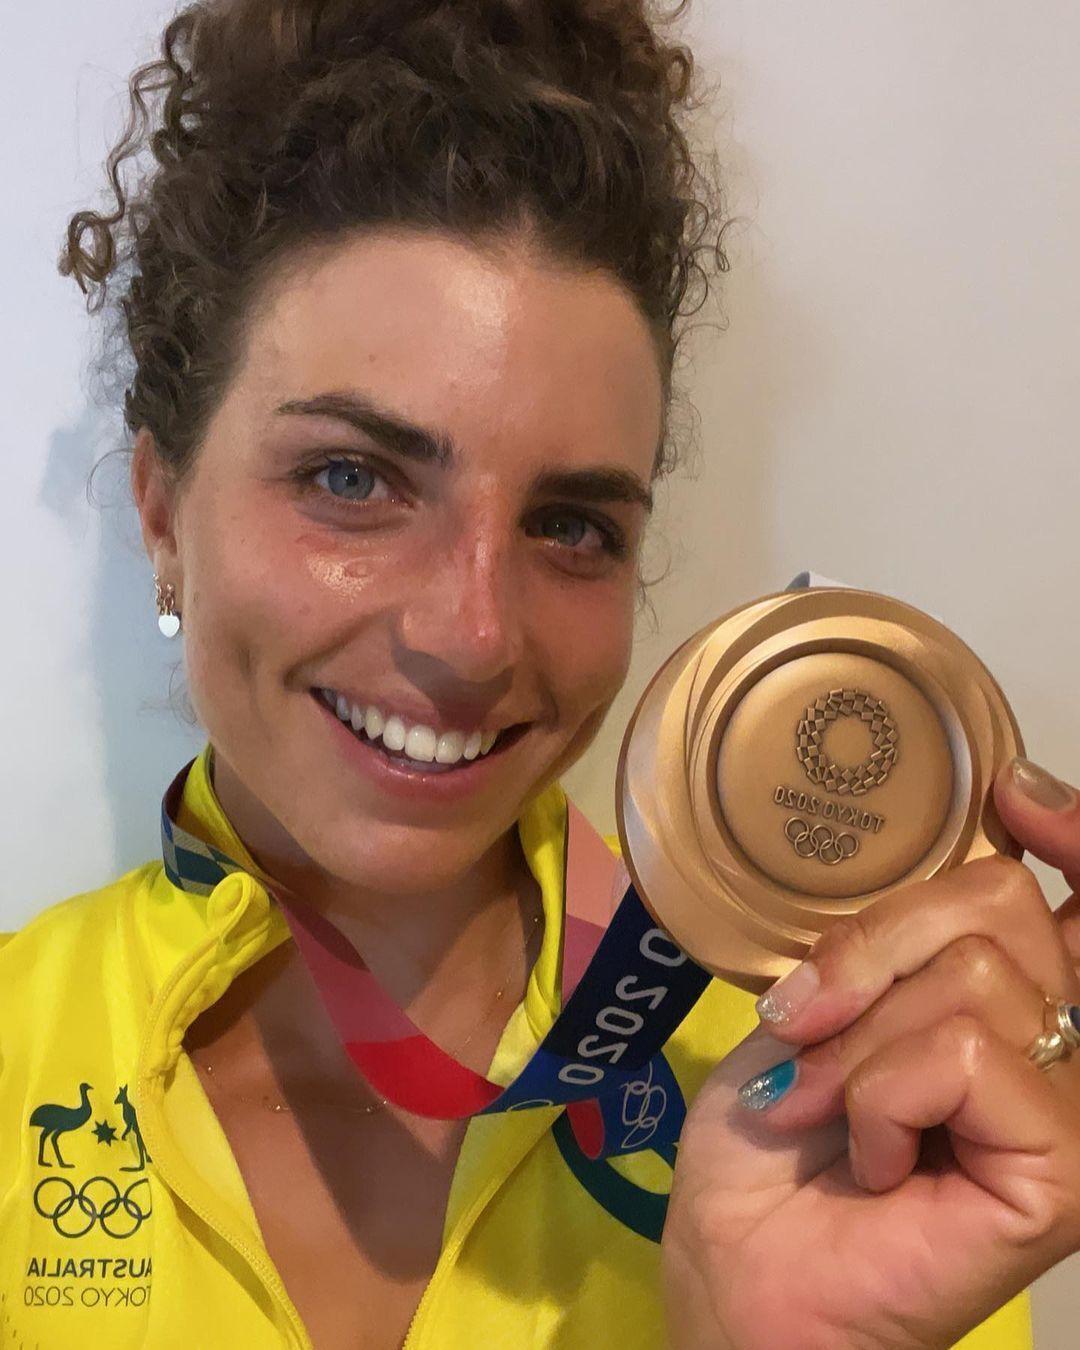 Австралийская гребчиха Джесси Фокс с медалью